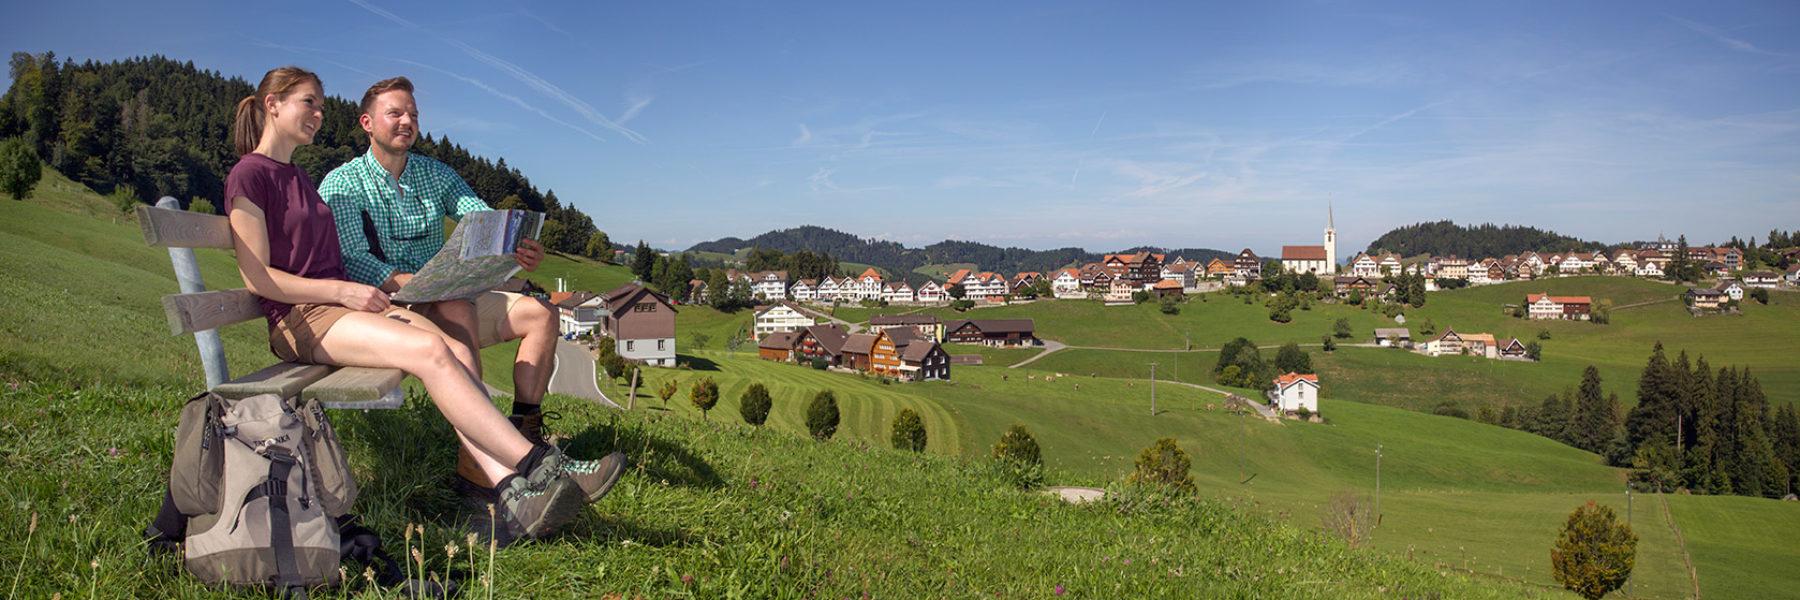 Zum höchstgelegenen Dorf im Appenzellerland